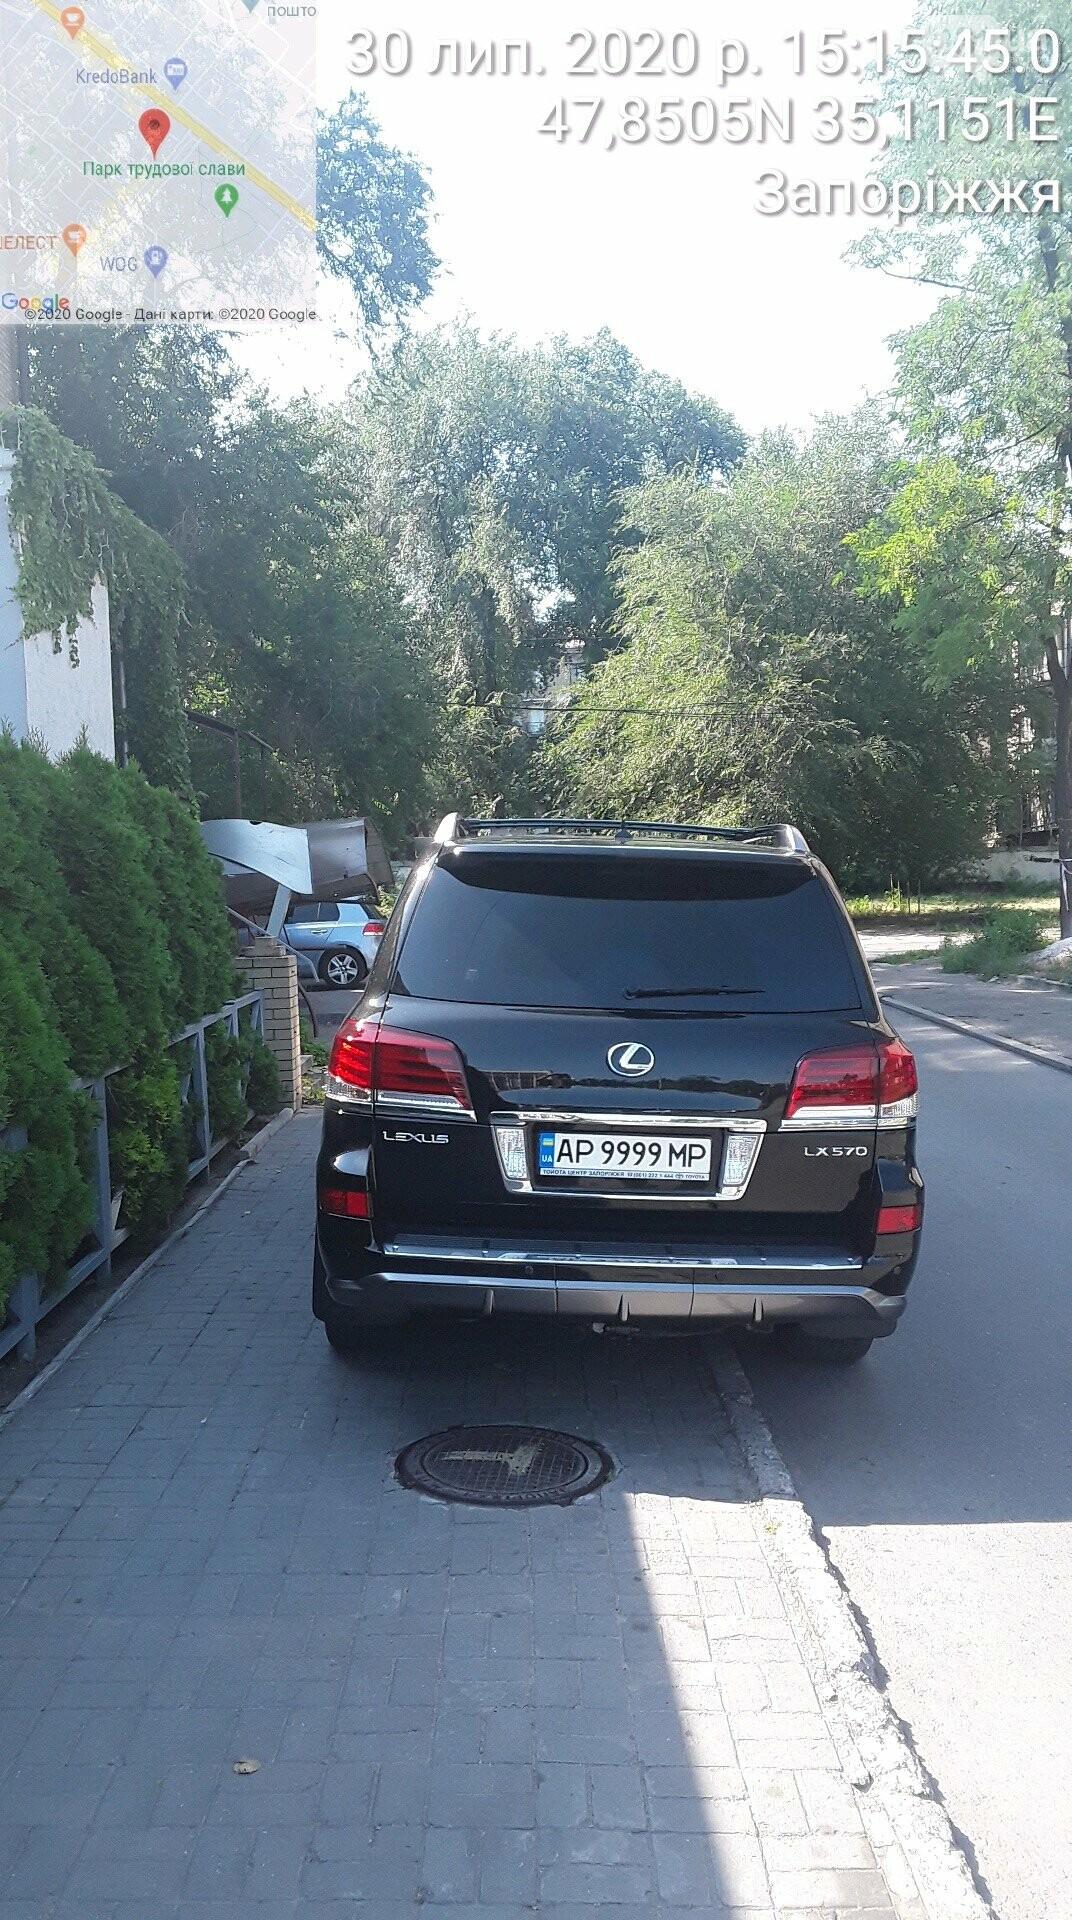 1100 нарушений и 200 тысяч гривен в бюджет: запорожские инспекторы по парковке отчитались о работе за июль, фото-3